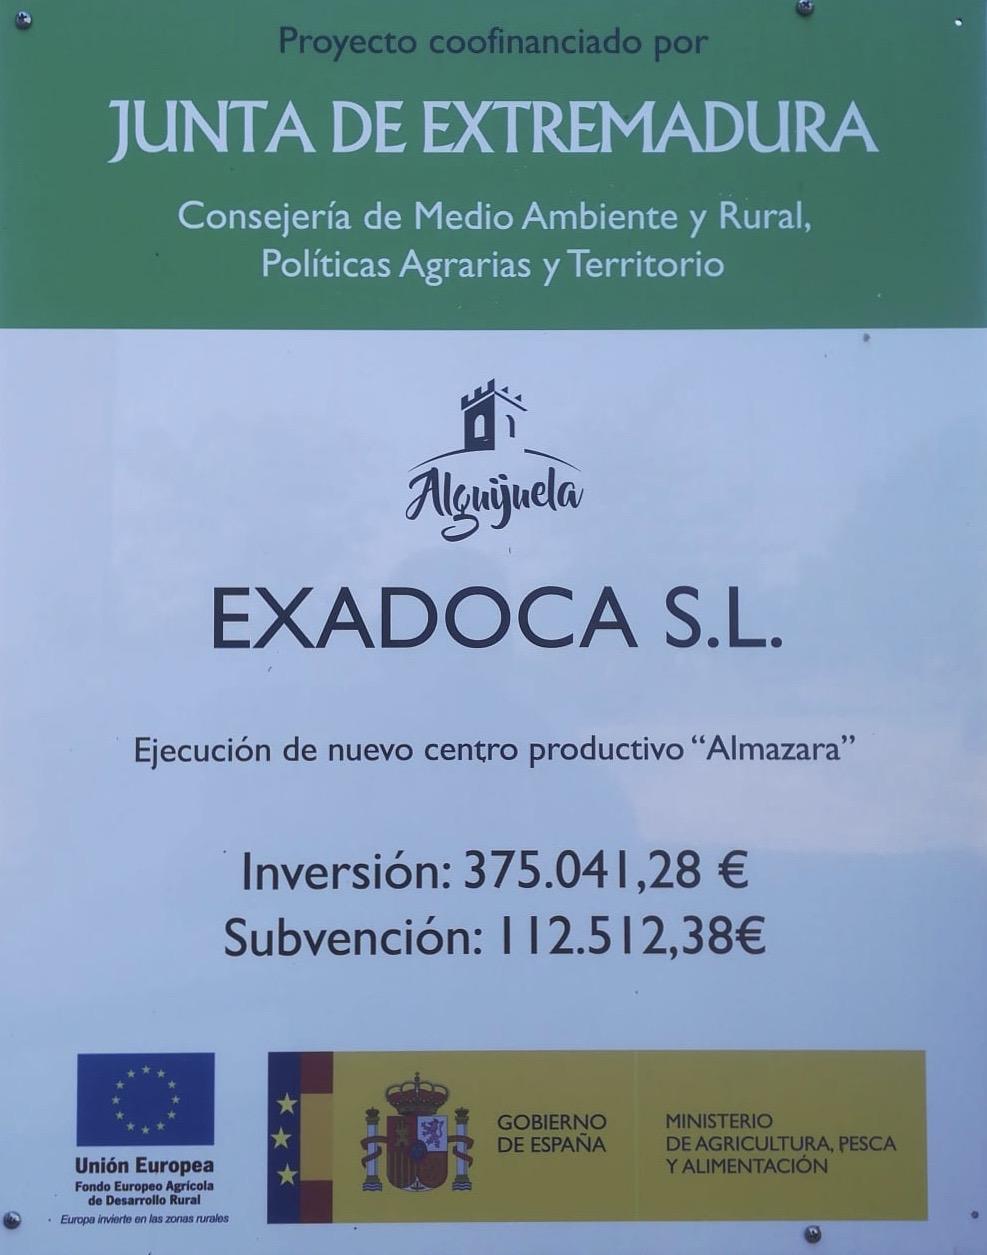 Proyecto coofinanciado por la Junta de Extremadura, Consejería de Medio Ambiente y Rural, Políticas Agrarias y Territorio para EXADOCA S.L.